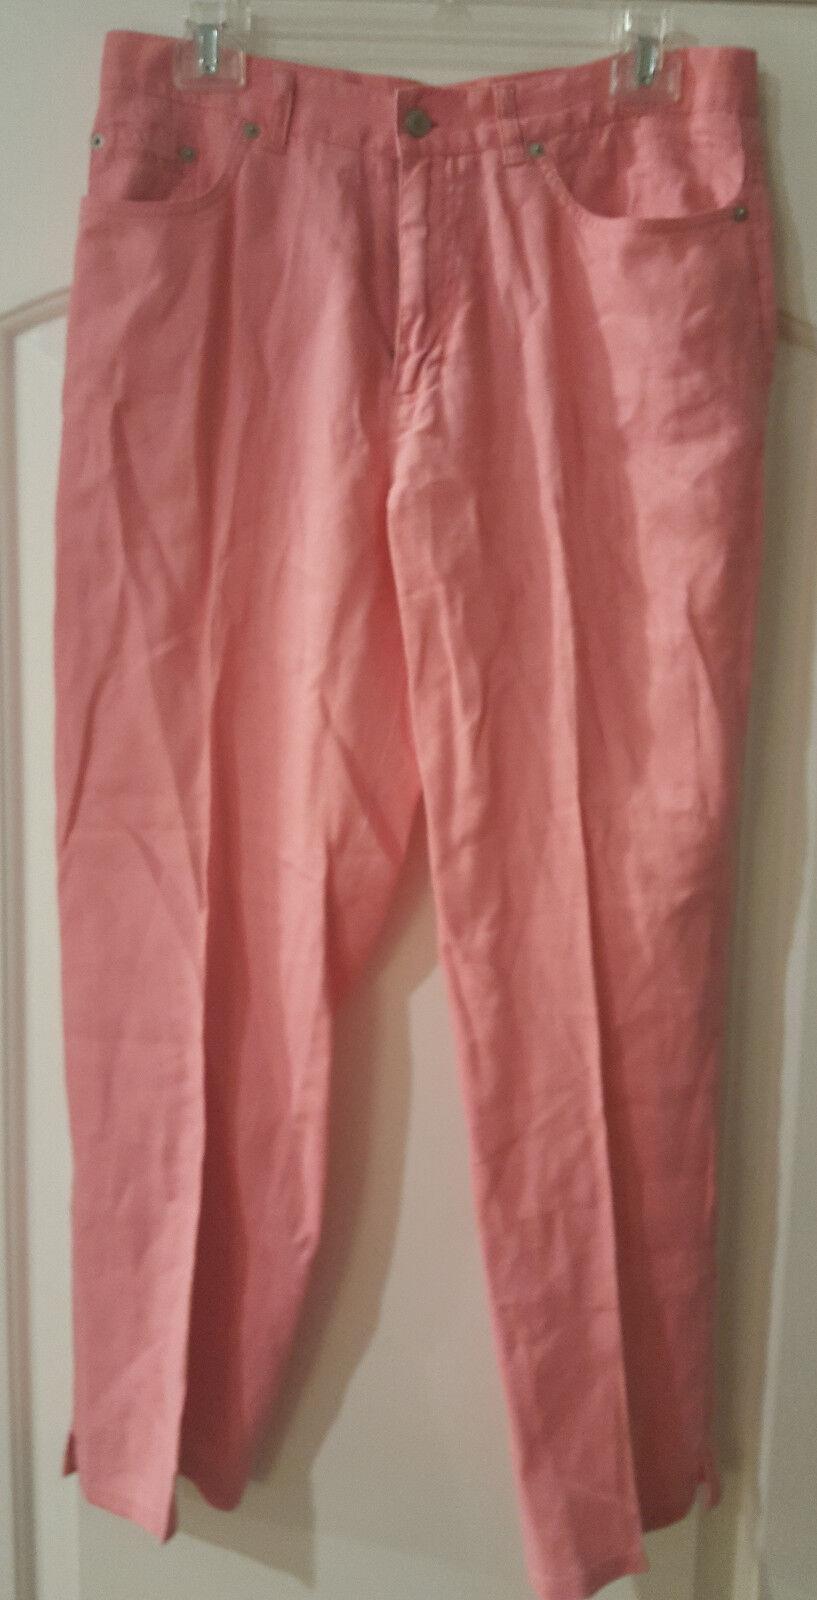 Lauren Jeans Co, Pink Linen Cropped Jeans, Woman's, Size 10, EUC